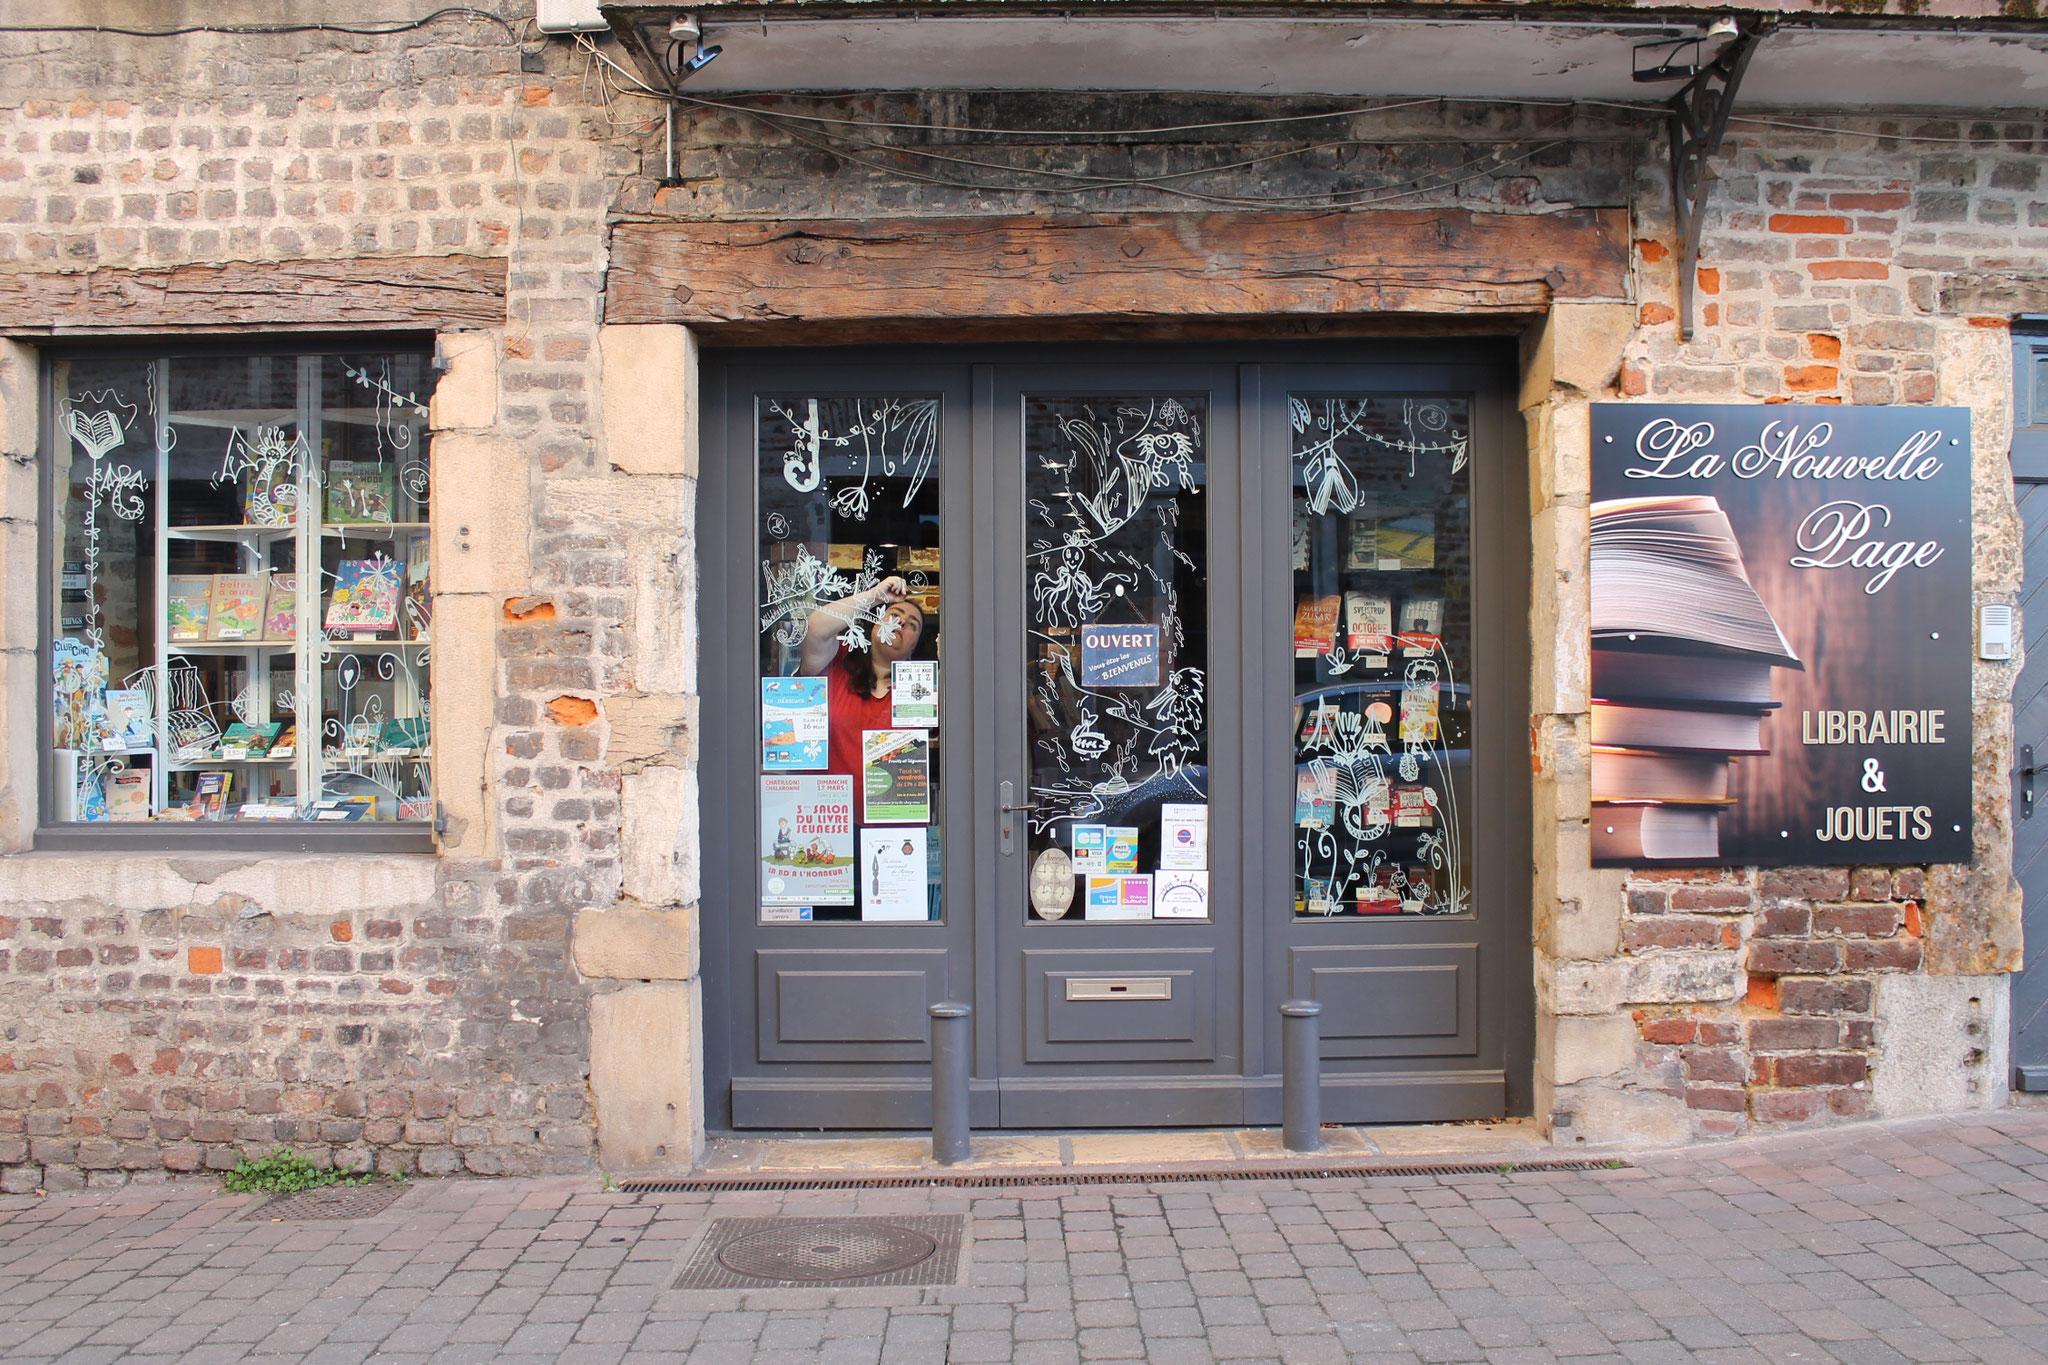 Thèmes de la nature et des livres pour les vitrines décorées de la librairie